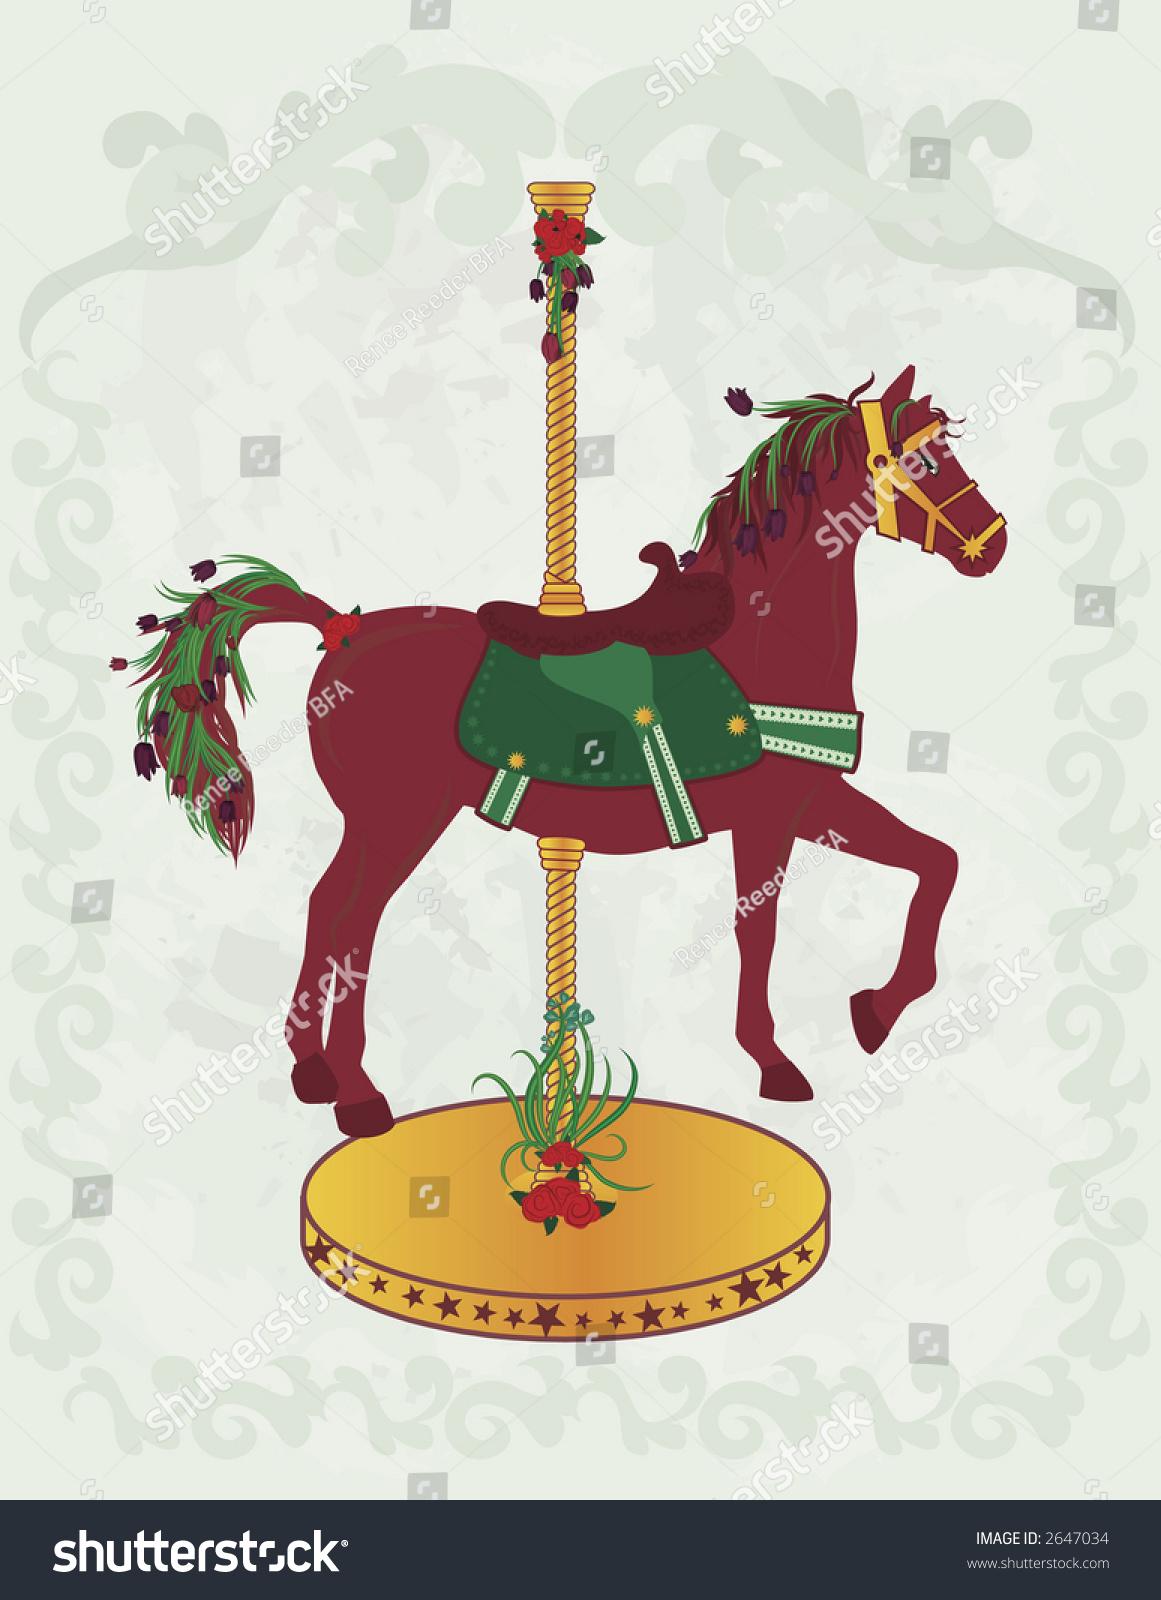 Vector De Stock Libre De Regalias Sobre Illustration Spring Inspired Carousel Horse Drawing2647034